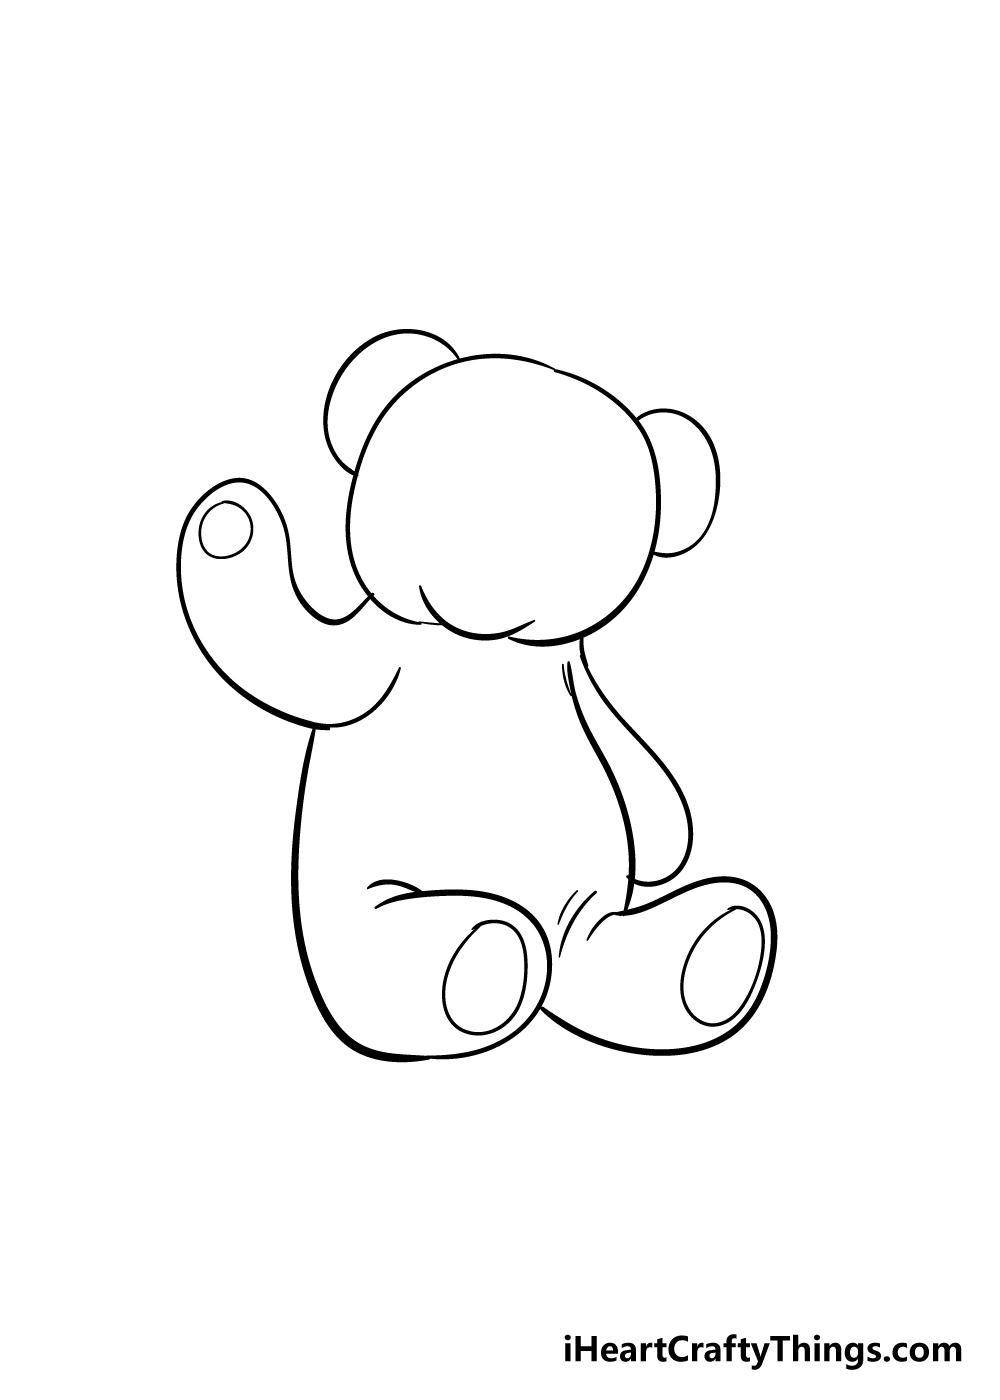 teddy bear drawing step 7